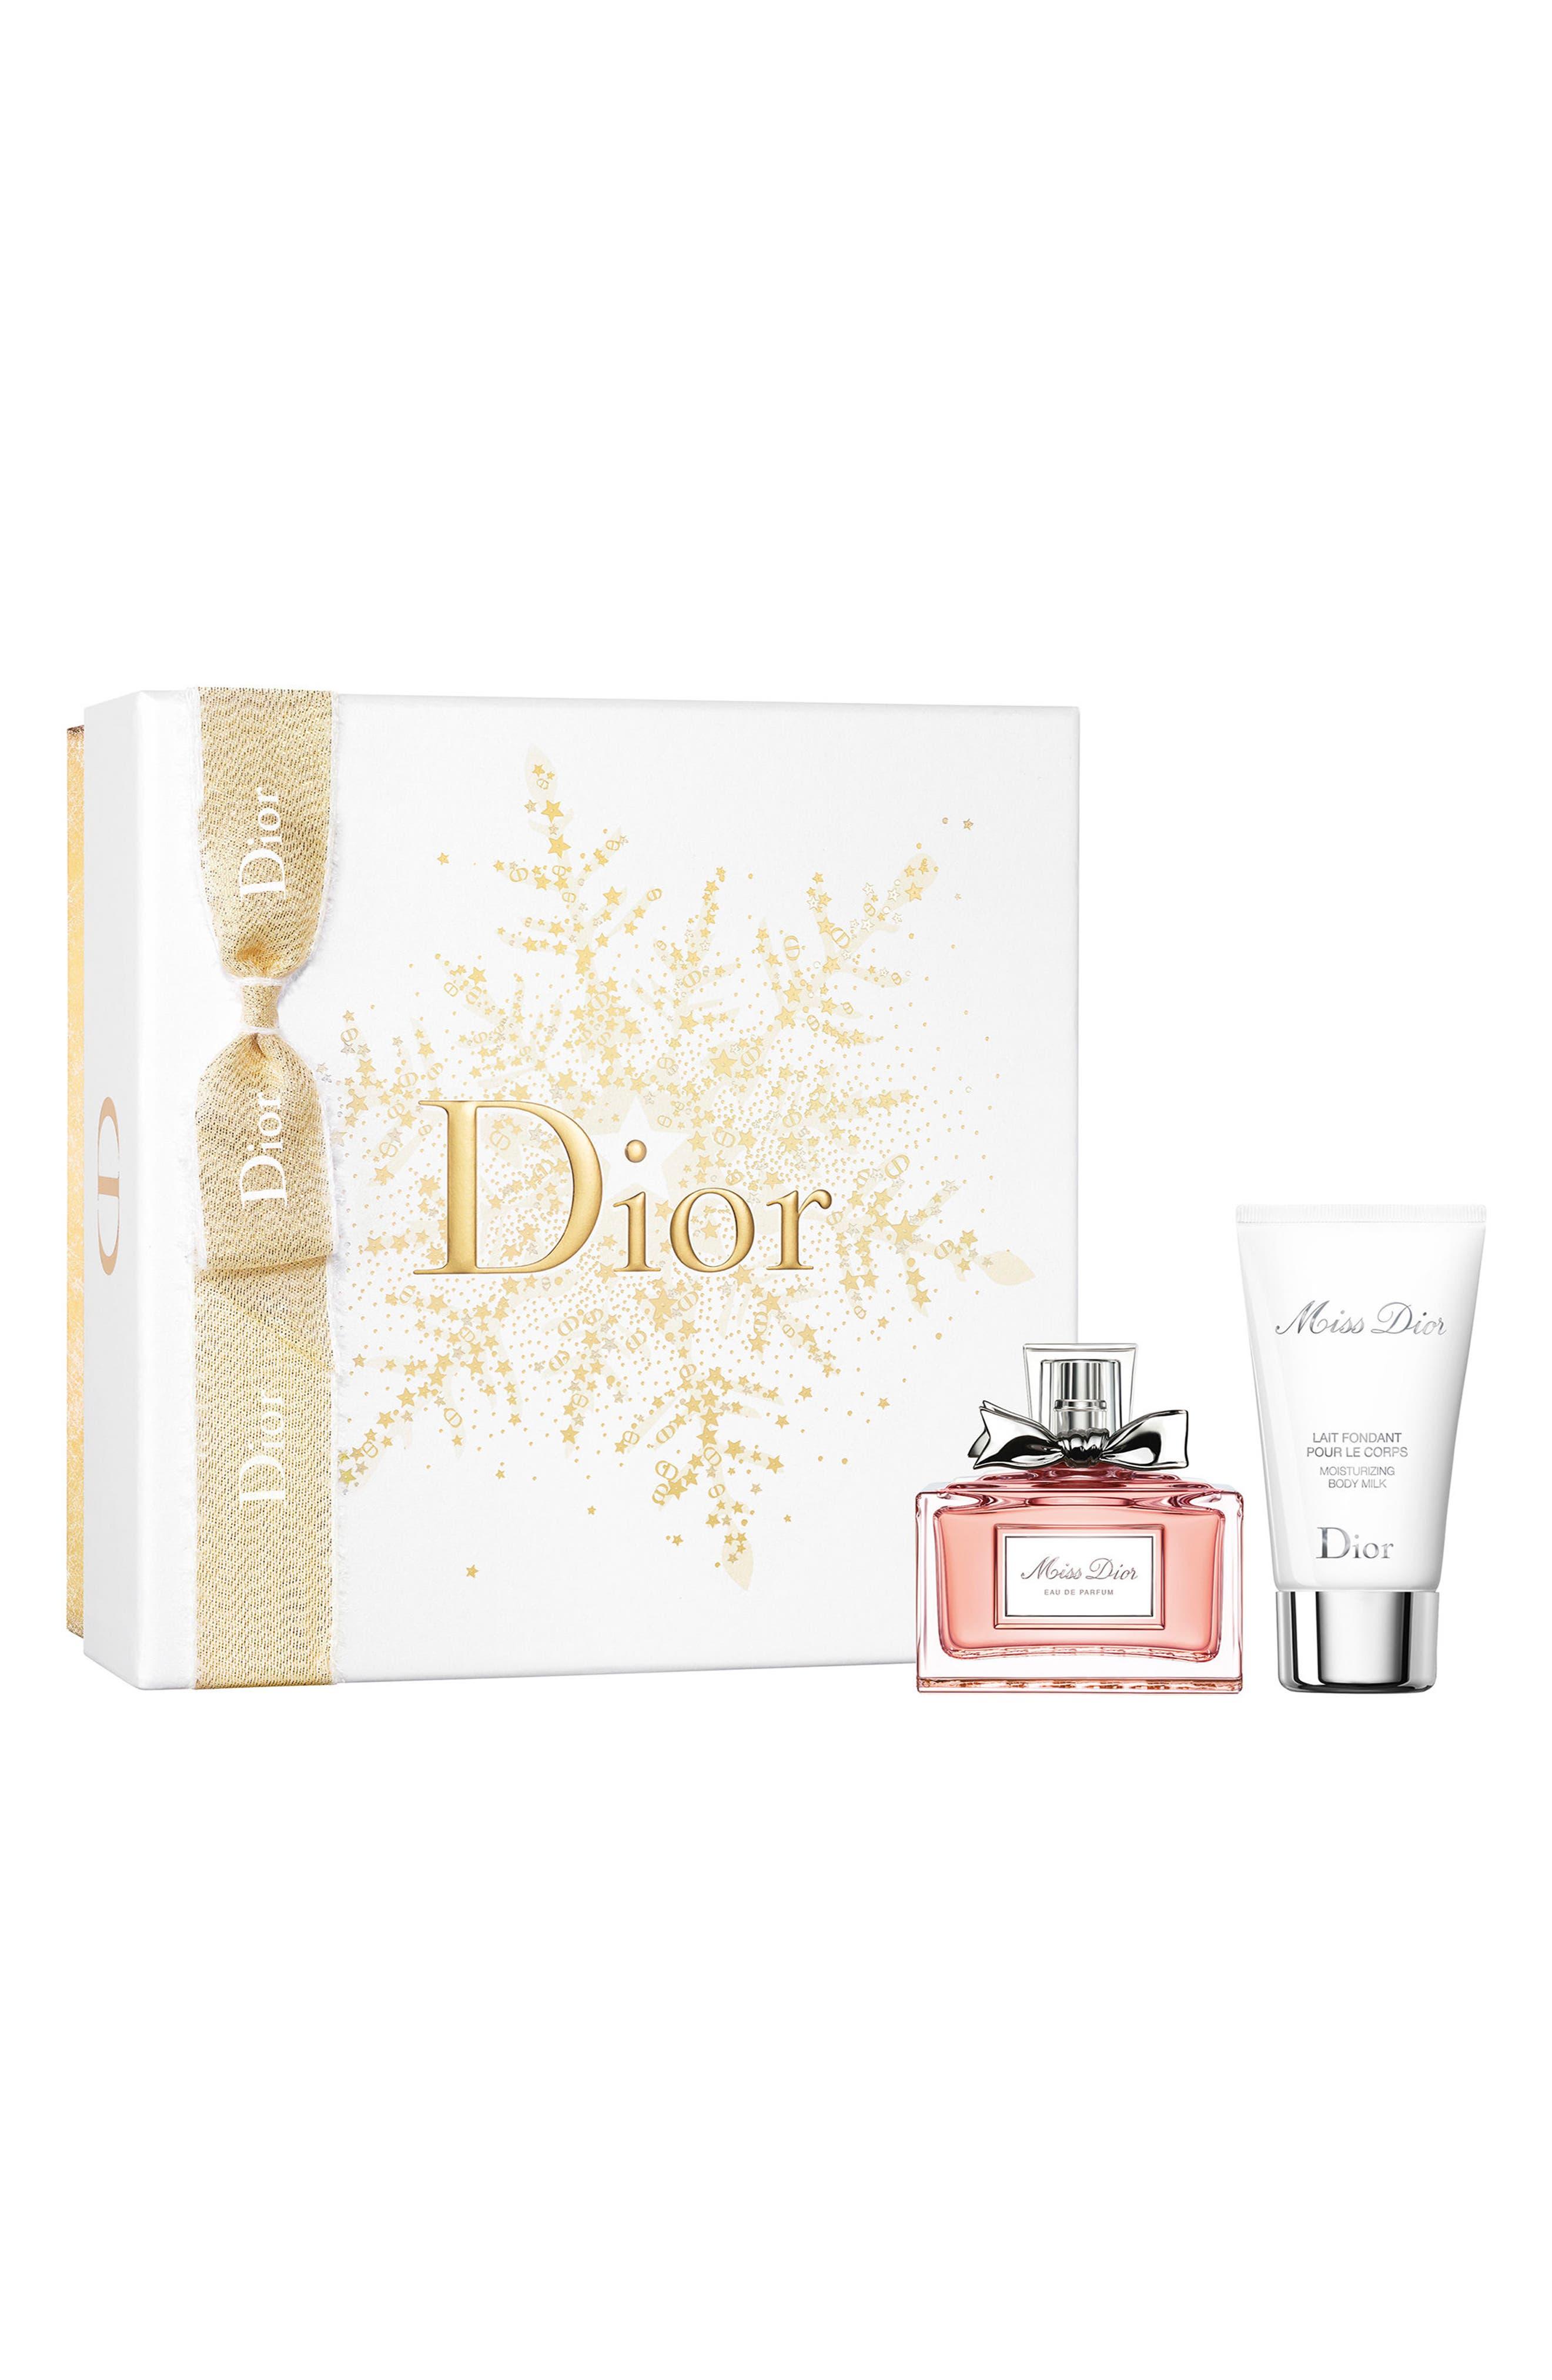 Dior Miss Dior Small Signature Set